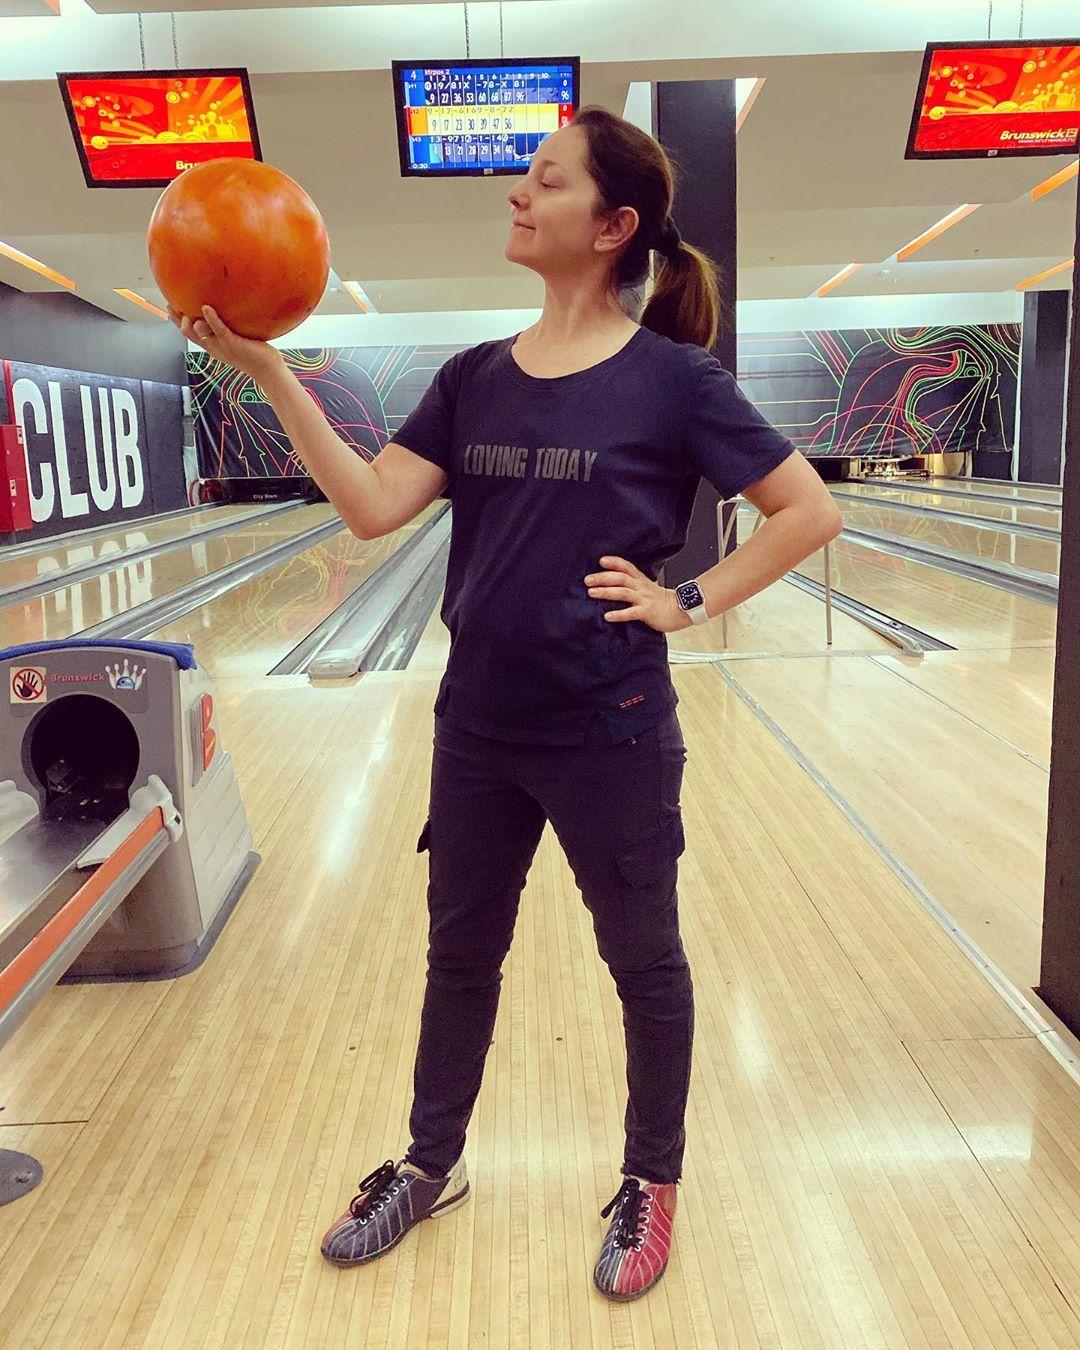 Звезда «Универа» Валентина Рубцова похудела на 20 килограммов